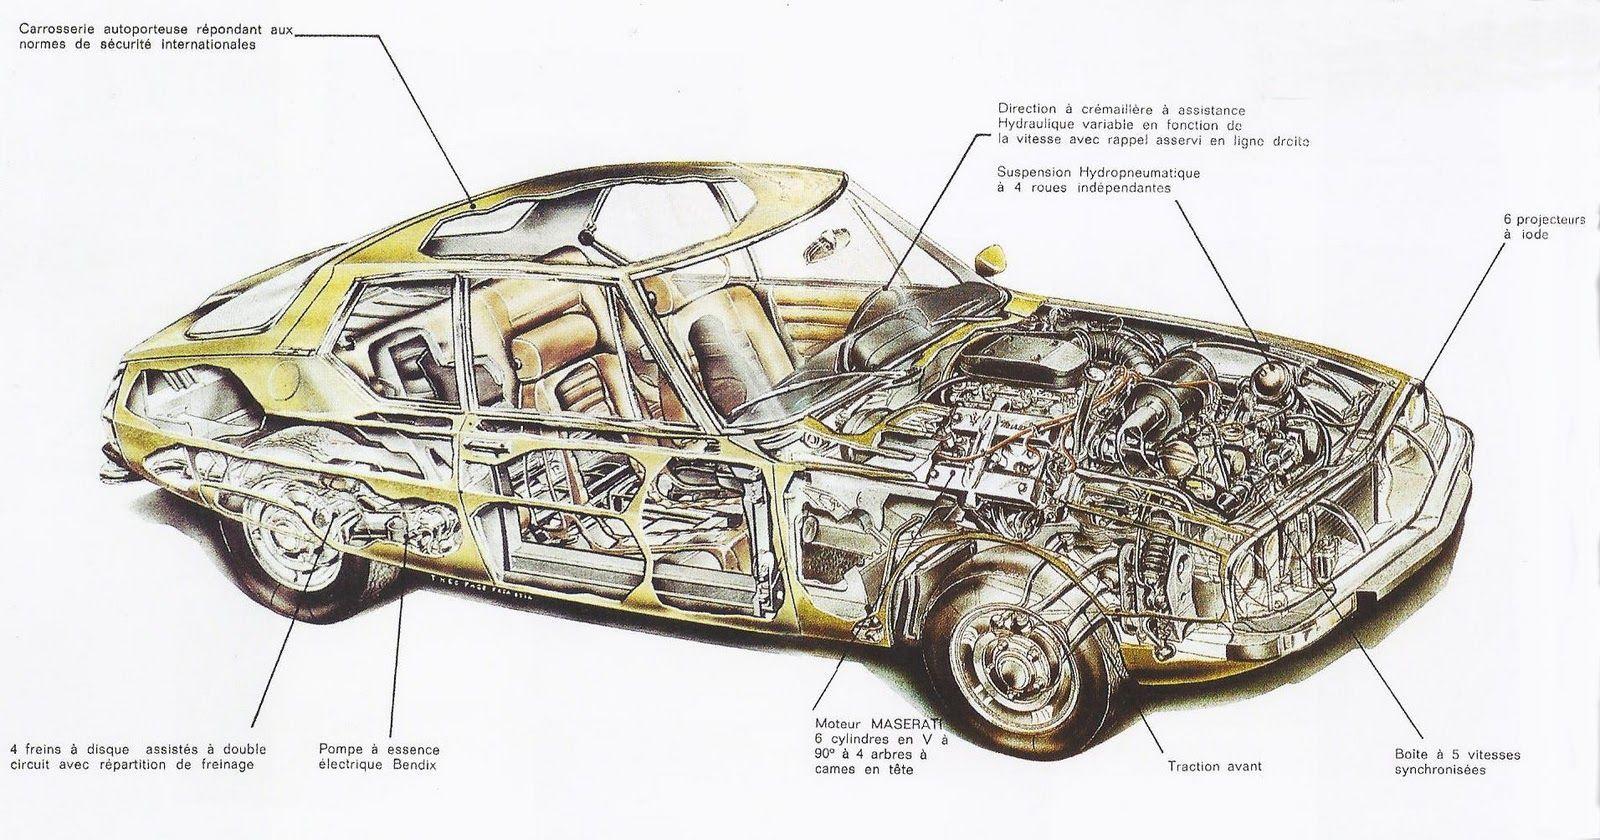 H88-Citroen-SM-Cutaway-Diagram-01.jpg (1600×840) |  ⇆ 97| 204,14´| jap| https://www.pinterest.com/akirakawagoe/